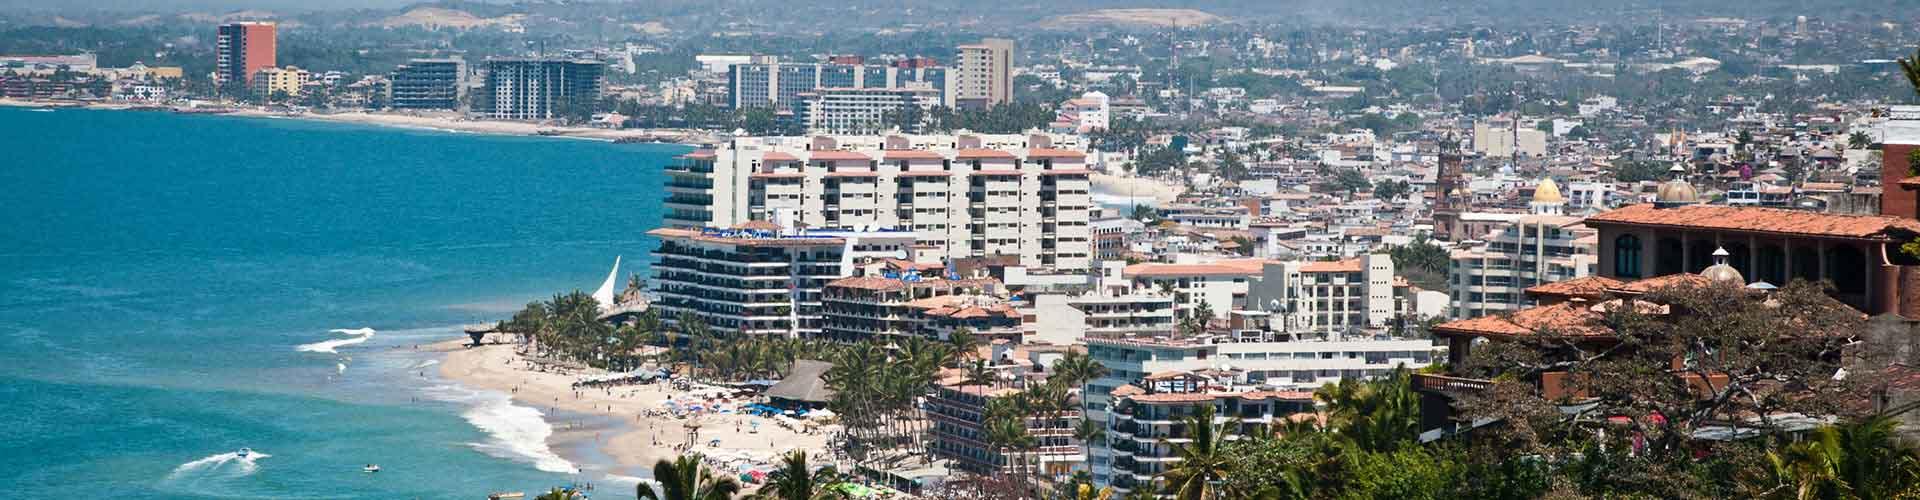 Meksyk - Hostele w mieście: Meksyk, Mapy: Meksyk, Zdjęcia i Recenzje dla każdego hostelu w mieście Meksyk.